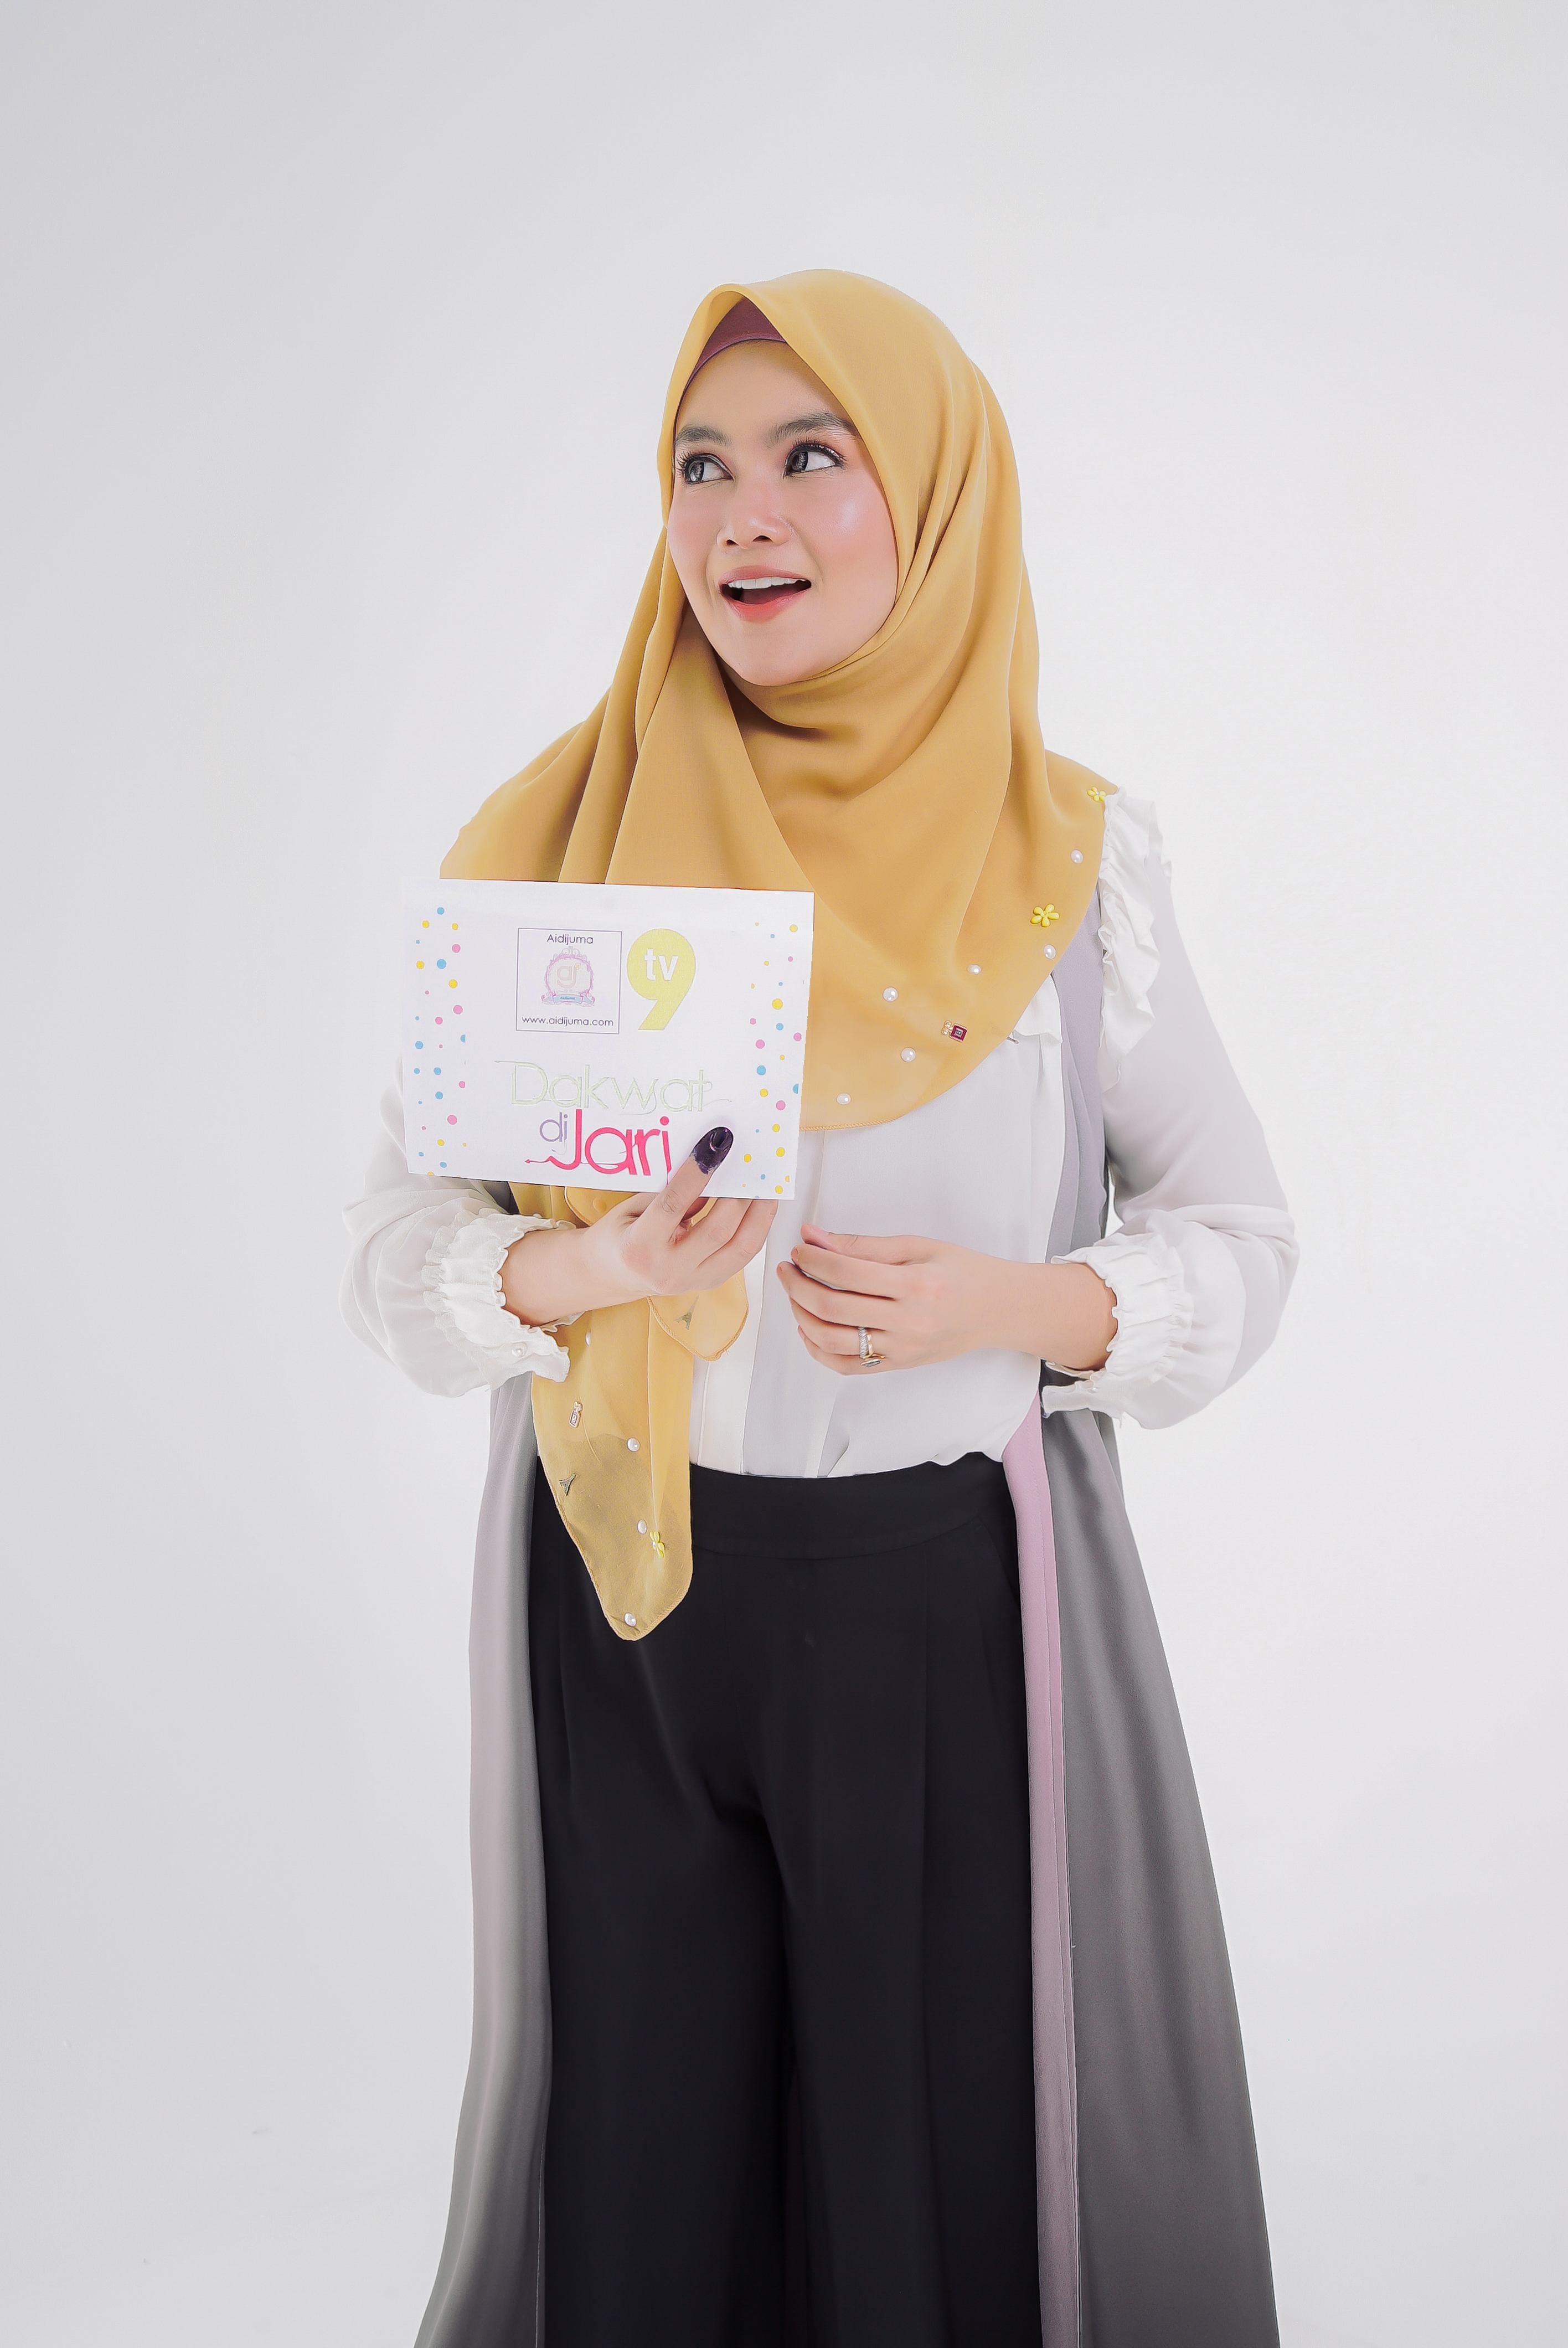 Aidijuma selaku Penaja Program Dakwat Di Jari TV9 copy